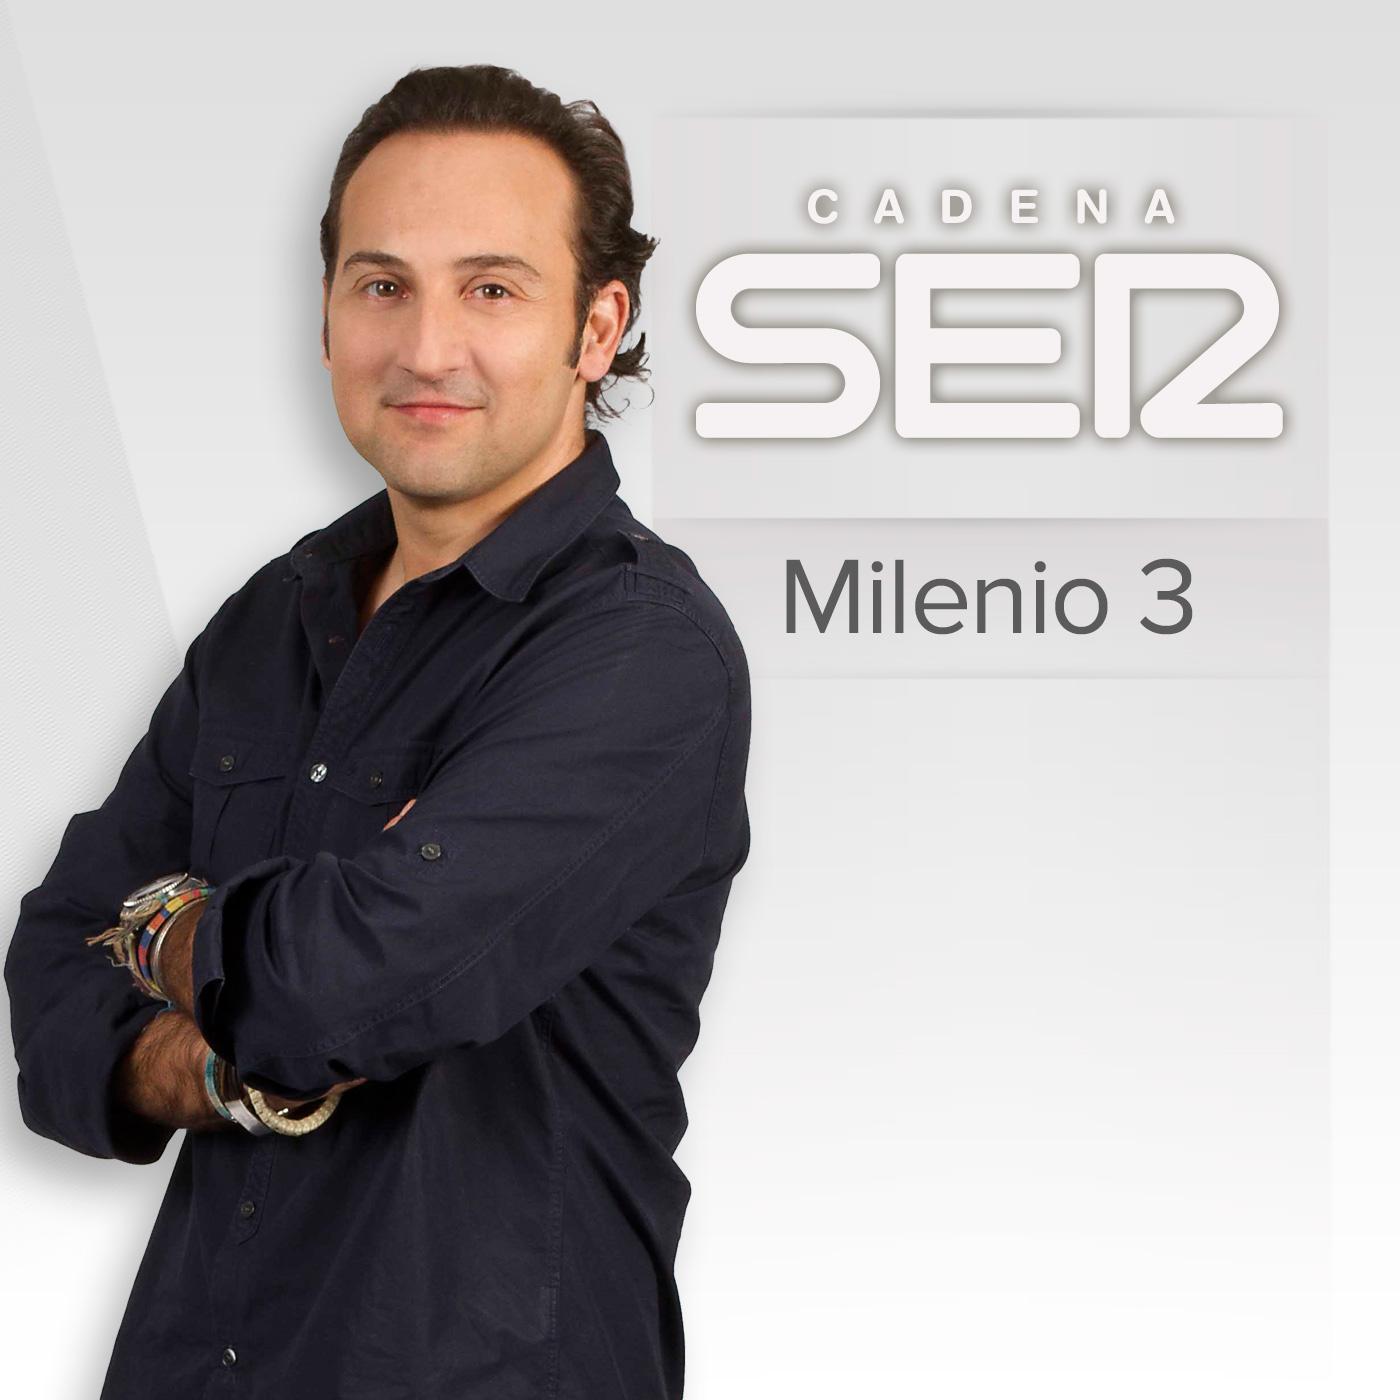 Milenio 3, en directo y a la carta | Cadena SER